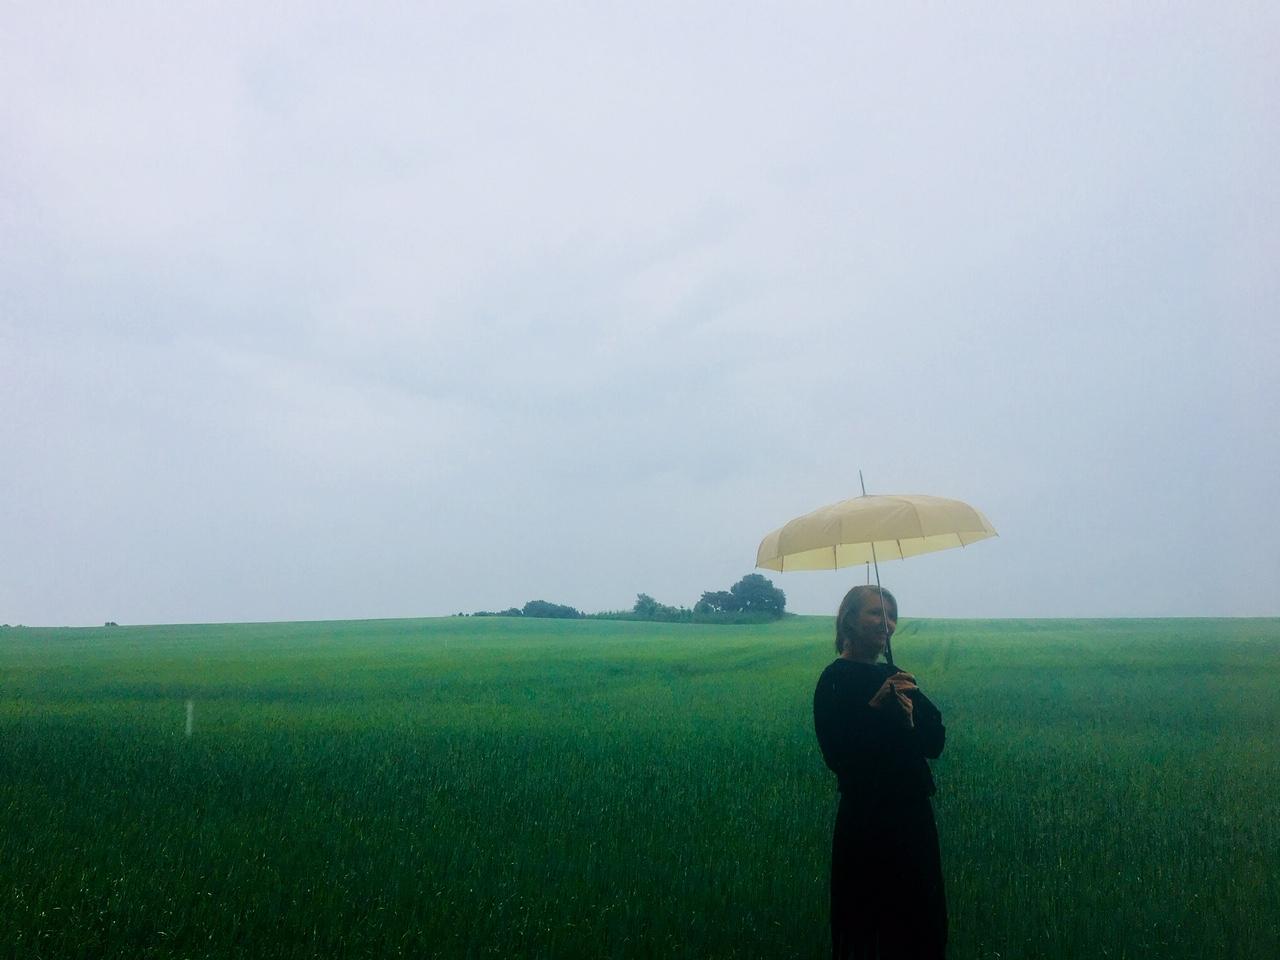 Anja Dalby i regnen på en mark med en gul paraply